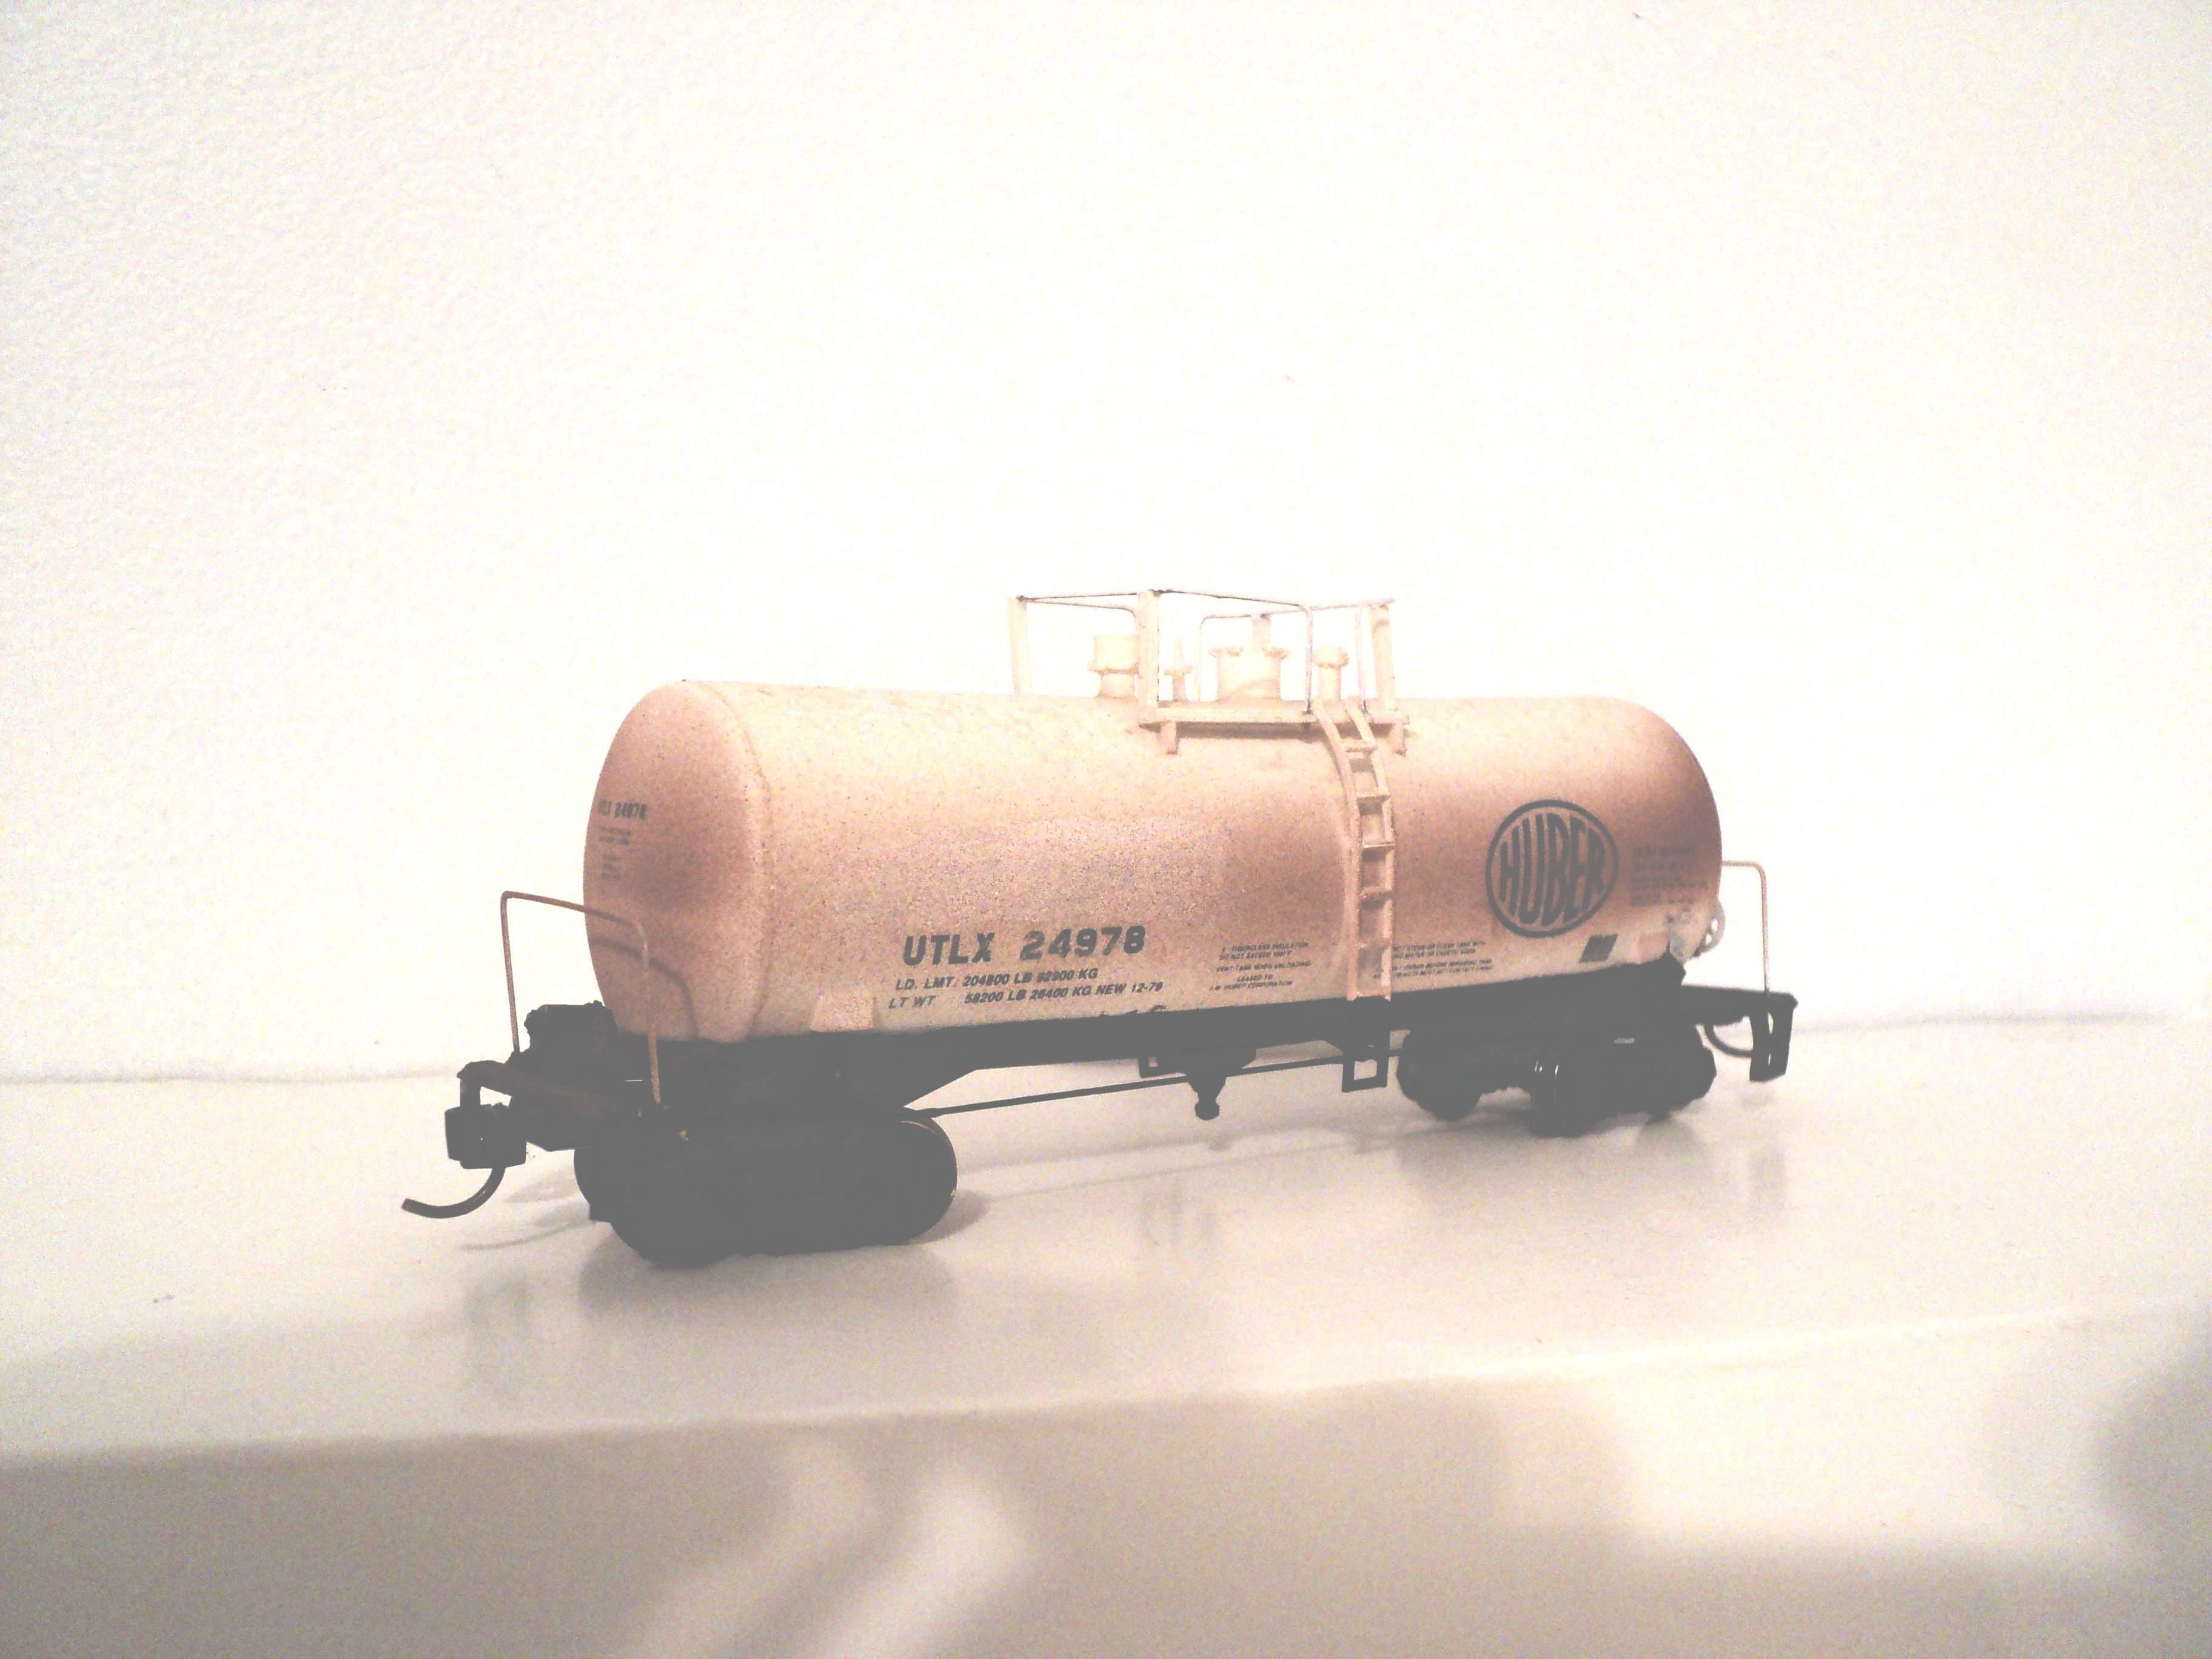 Trains HO (1/87) - wagons rebuilt 968084UTLX24976tankcar42